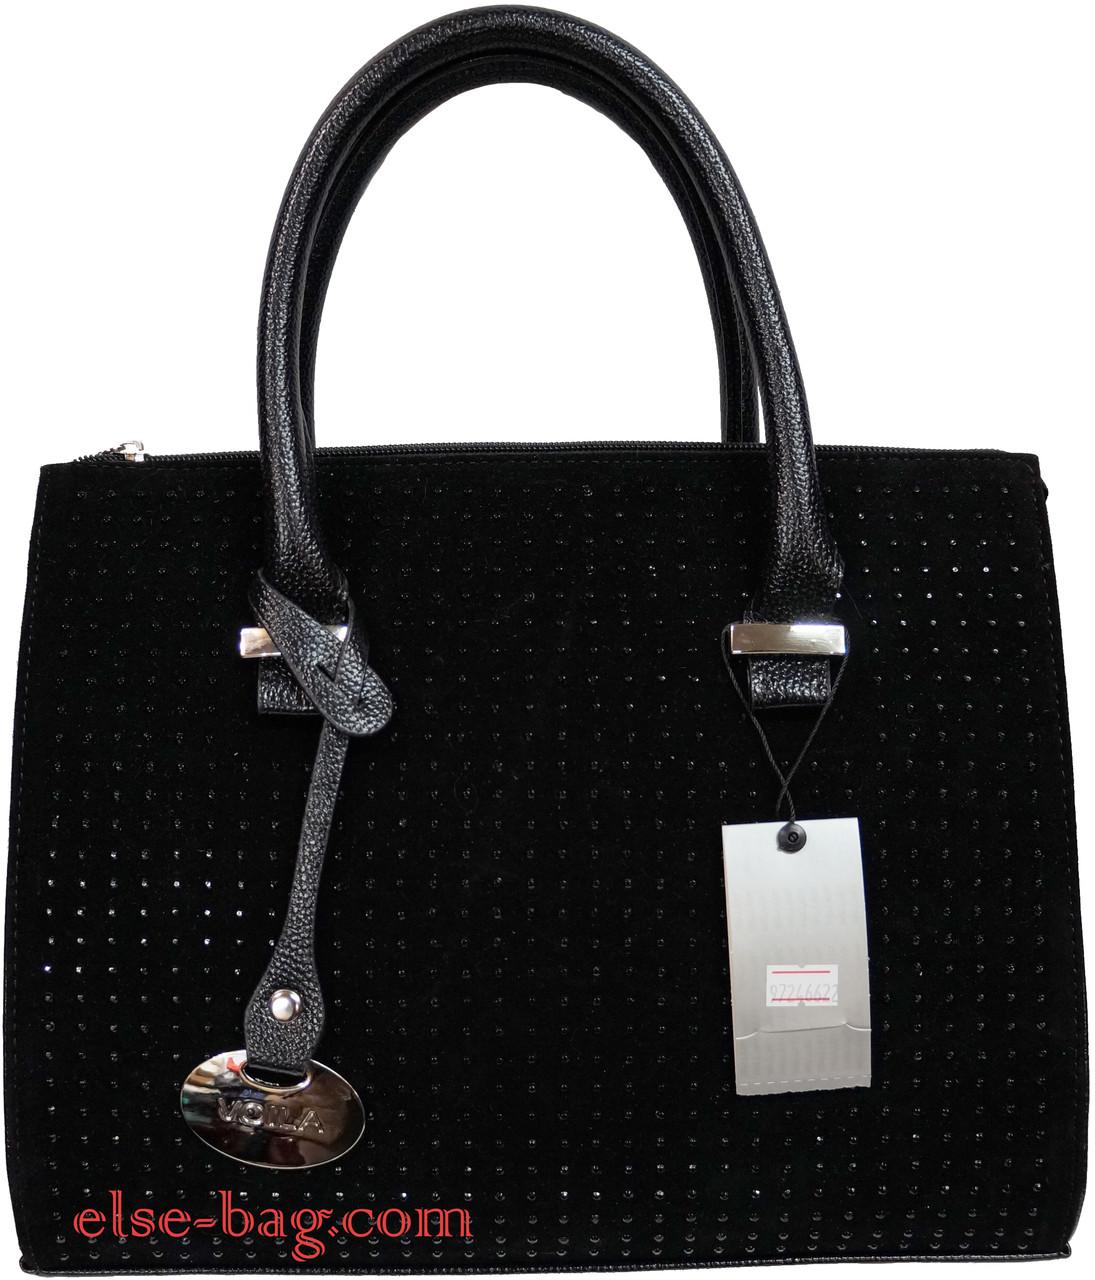 c2384e7d0de8 Каркасная женская сумка с брелком: продажа, цена в Харькове. женские ...